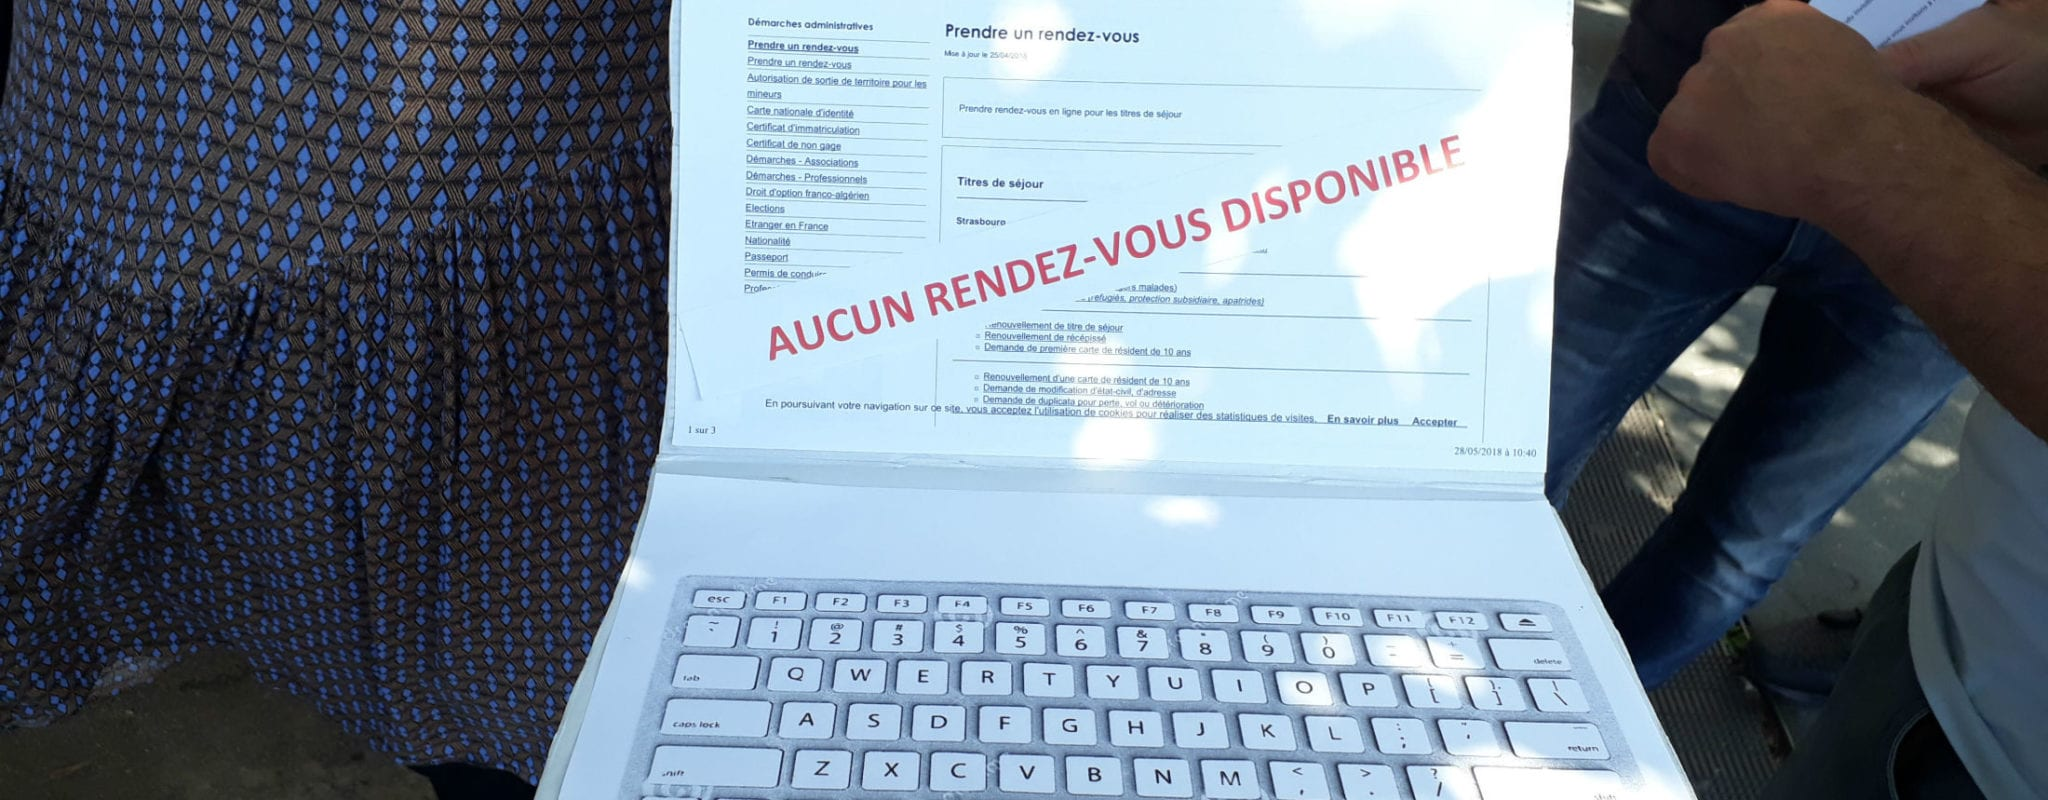 prefecture du rhone rendez vous renouvellement carte de sejour Chaque dimanche, le cauchemar nocturne des étrangers en France